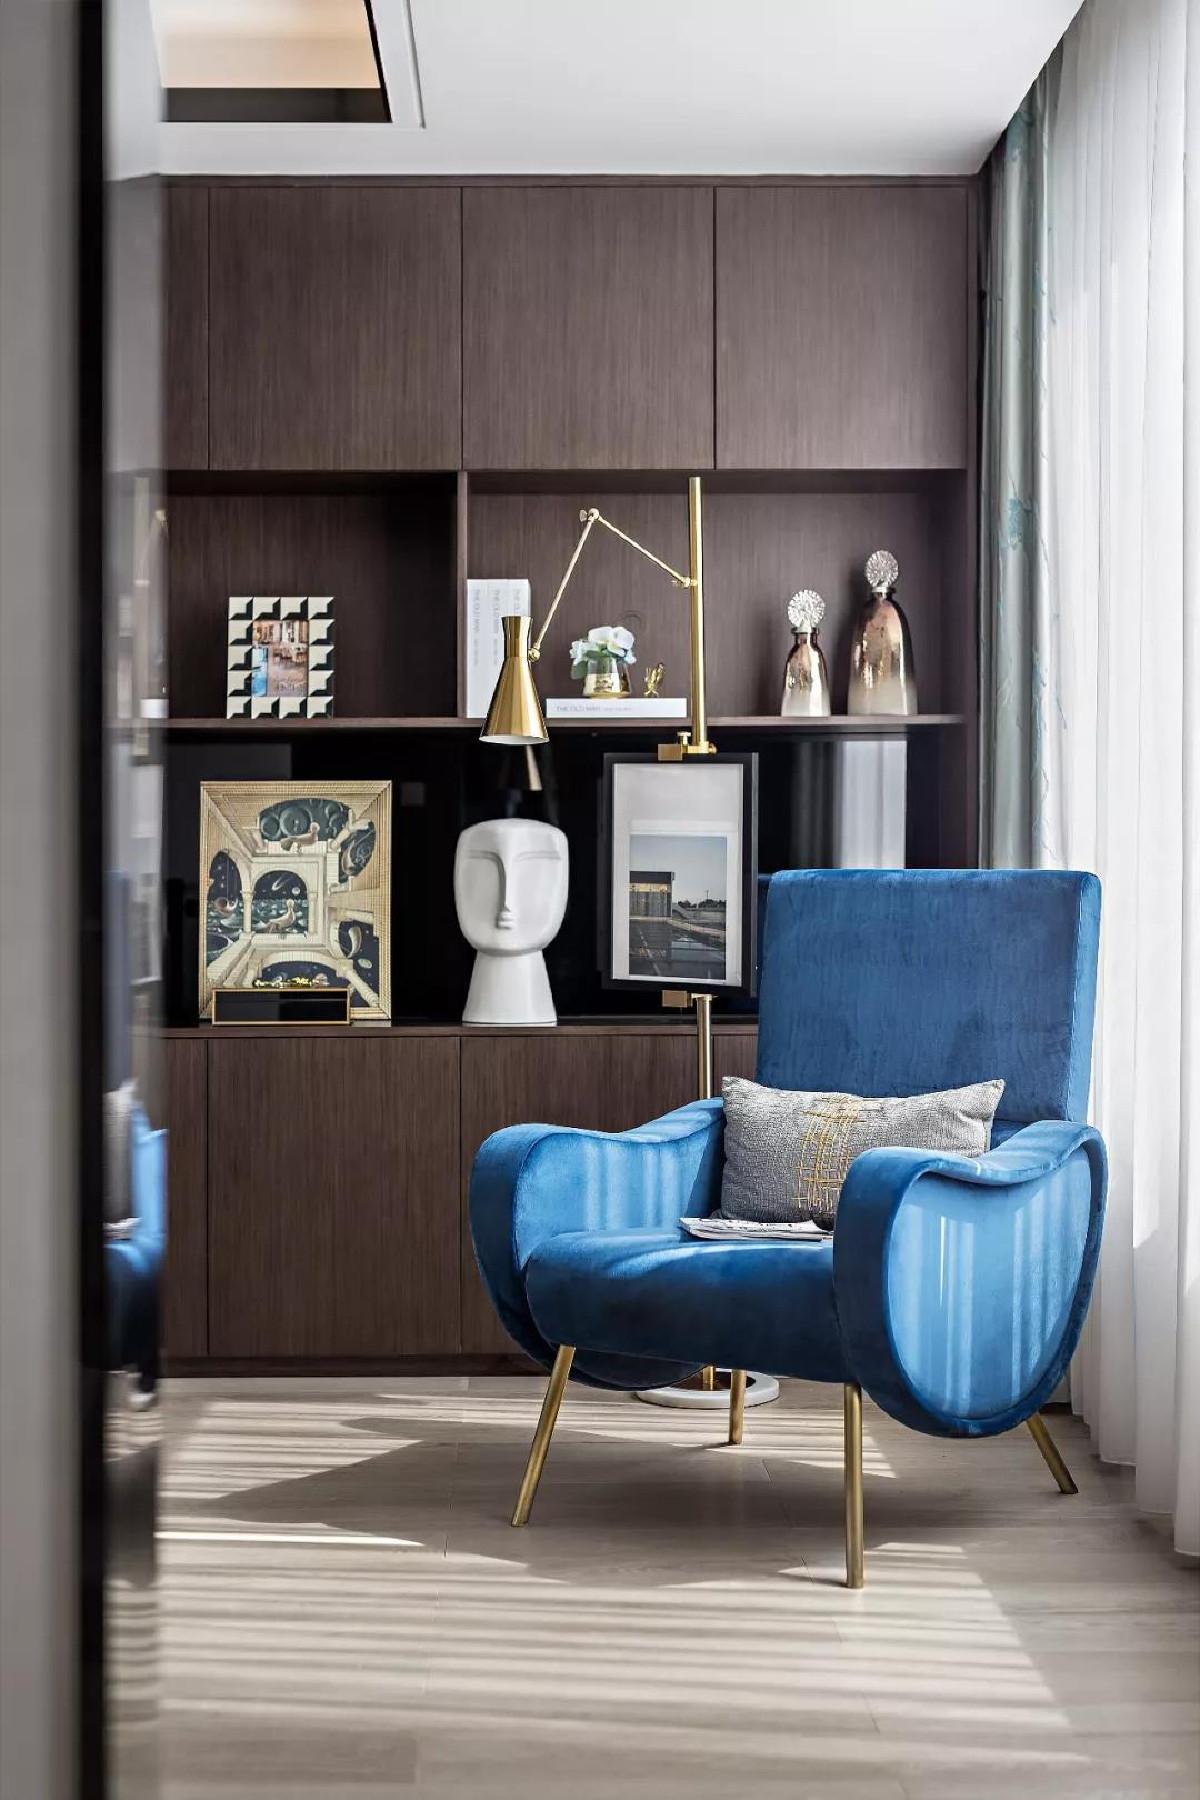 用温柔的杏咖为主,佐以沉静的灰蓝,柔软的绒面沙发与来自窗外的光,勾勒出一幅岁月静好的画。等一个清晨阳光暖,春衫薄,煮一壶茶,感受诗酒年华。